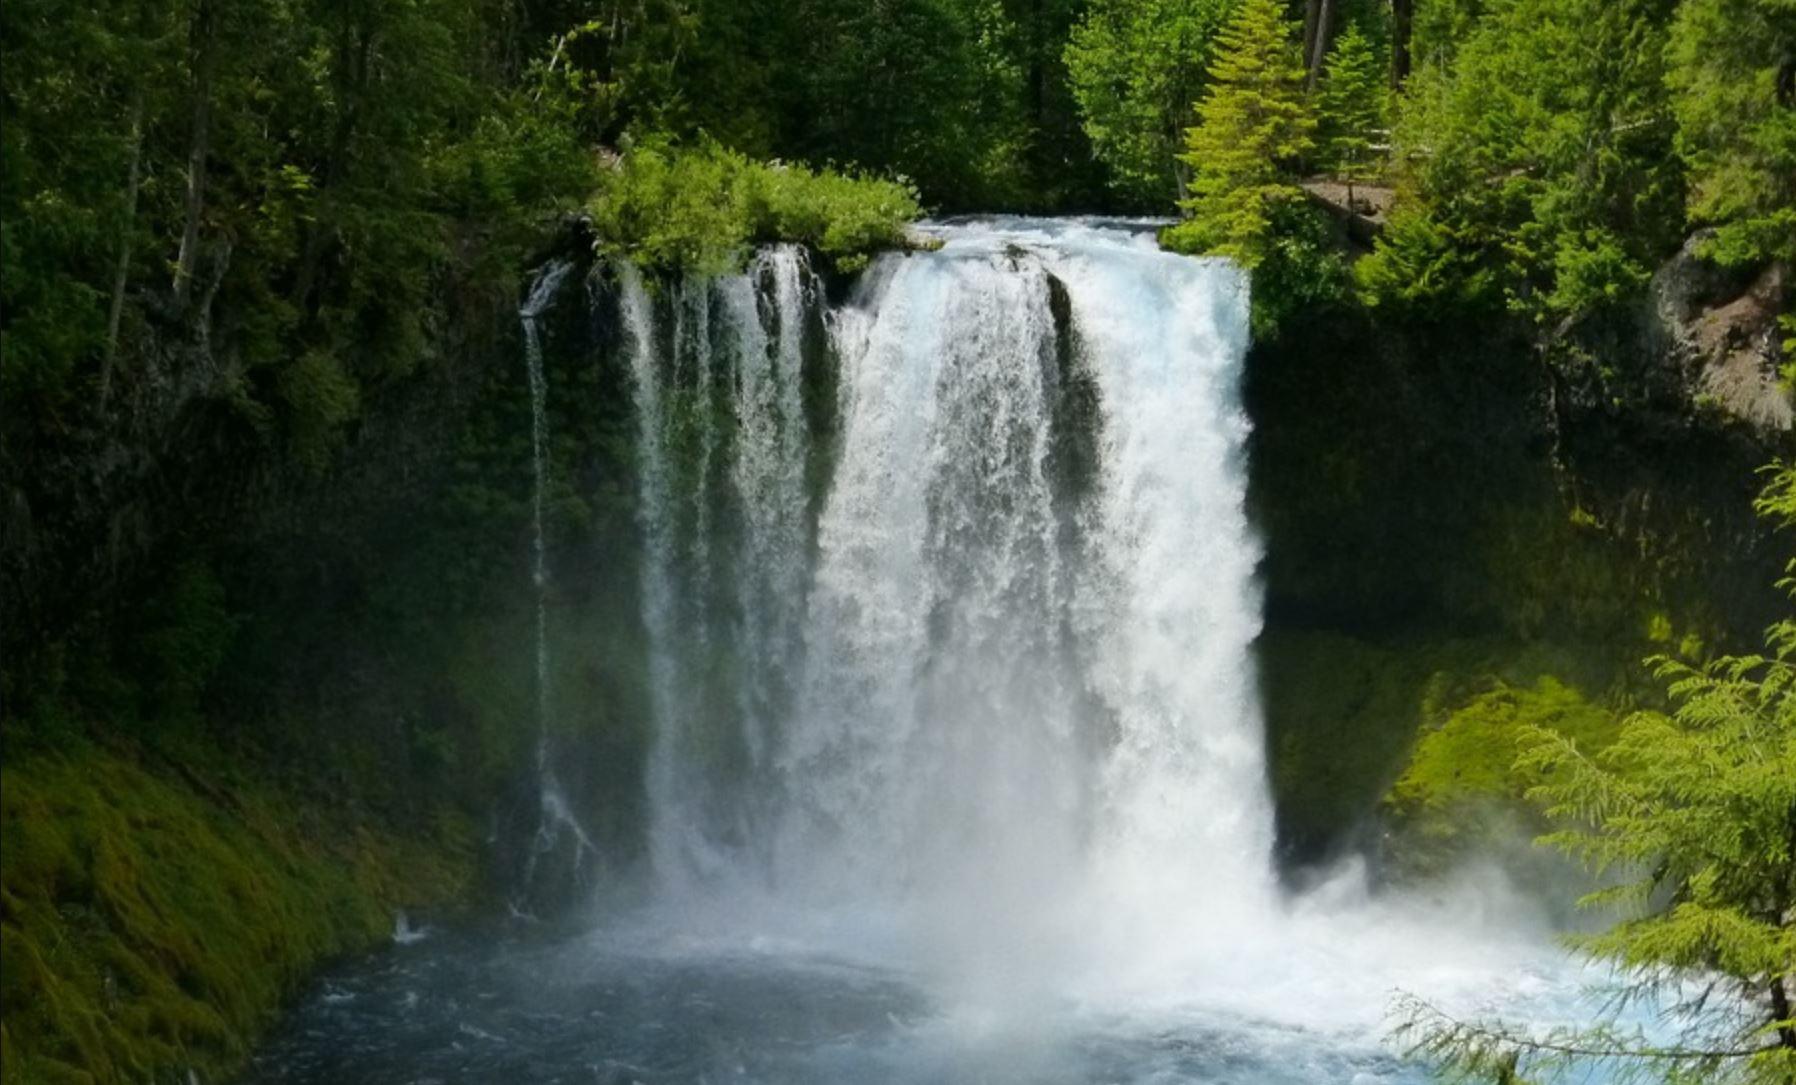 Koosah Falls, Oregon